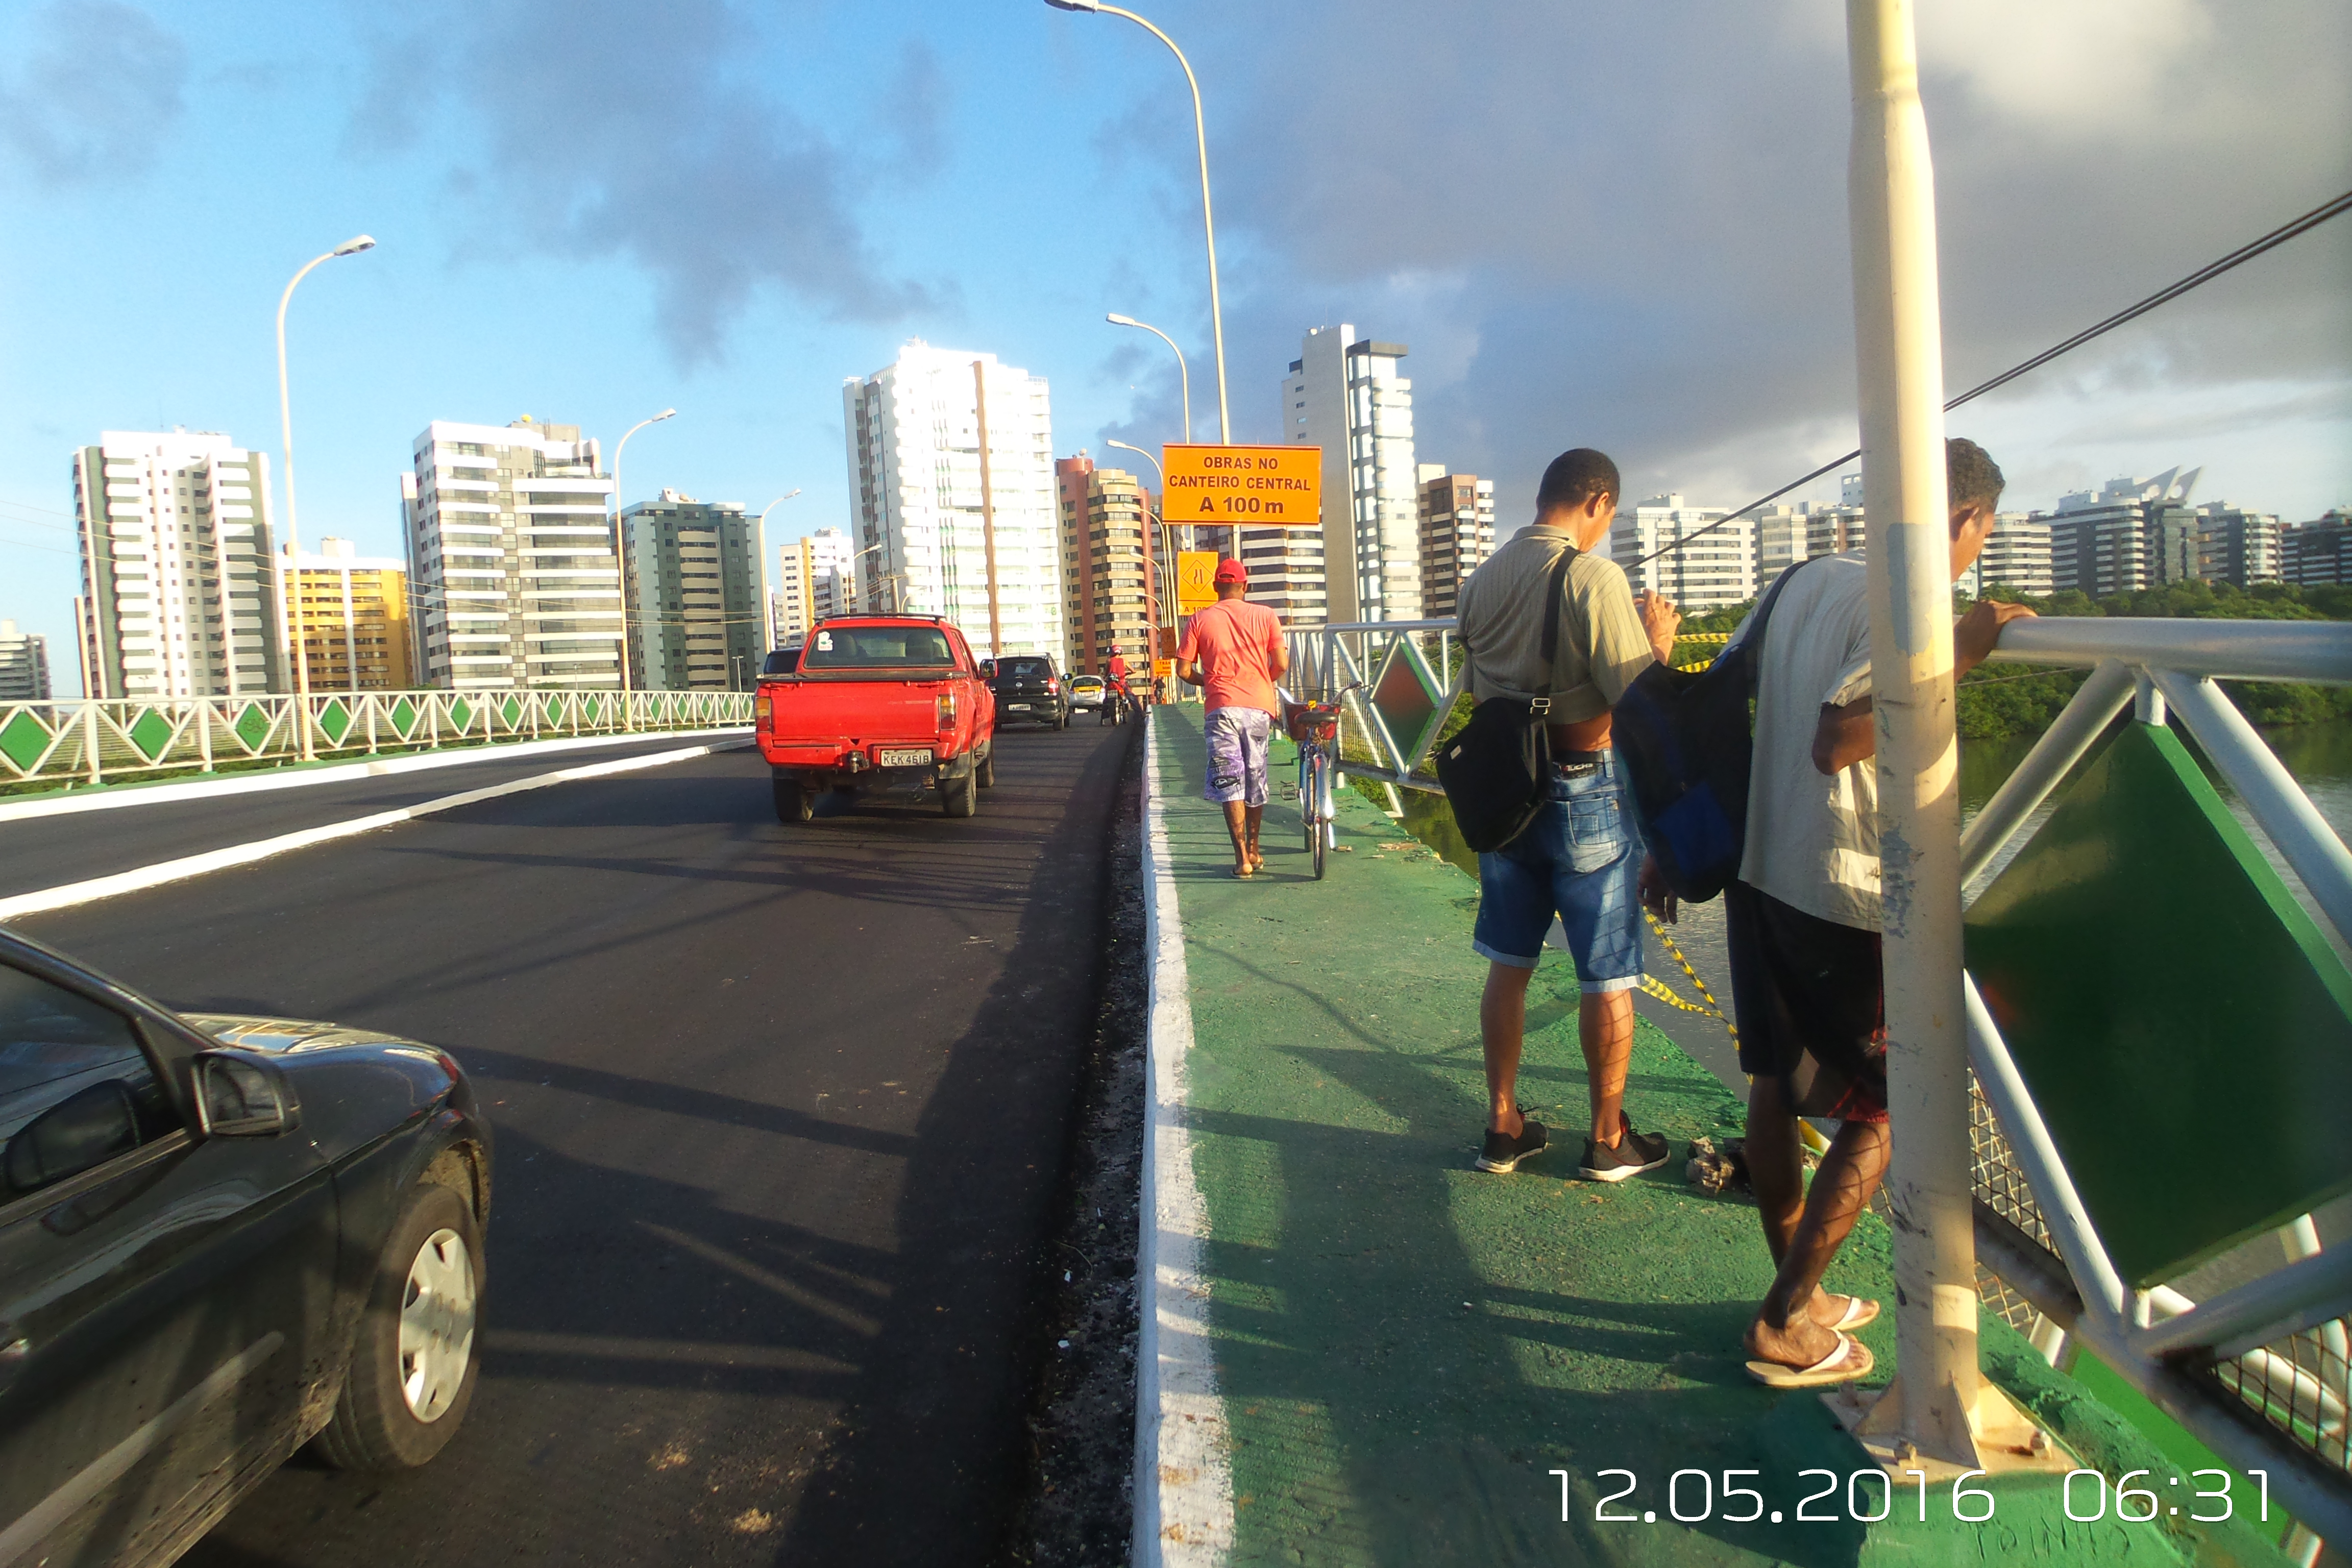 Carro cai da ponte de acesso ao Shopping Riomar em Aracaju